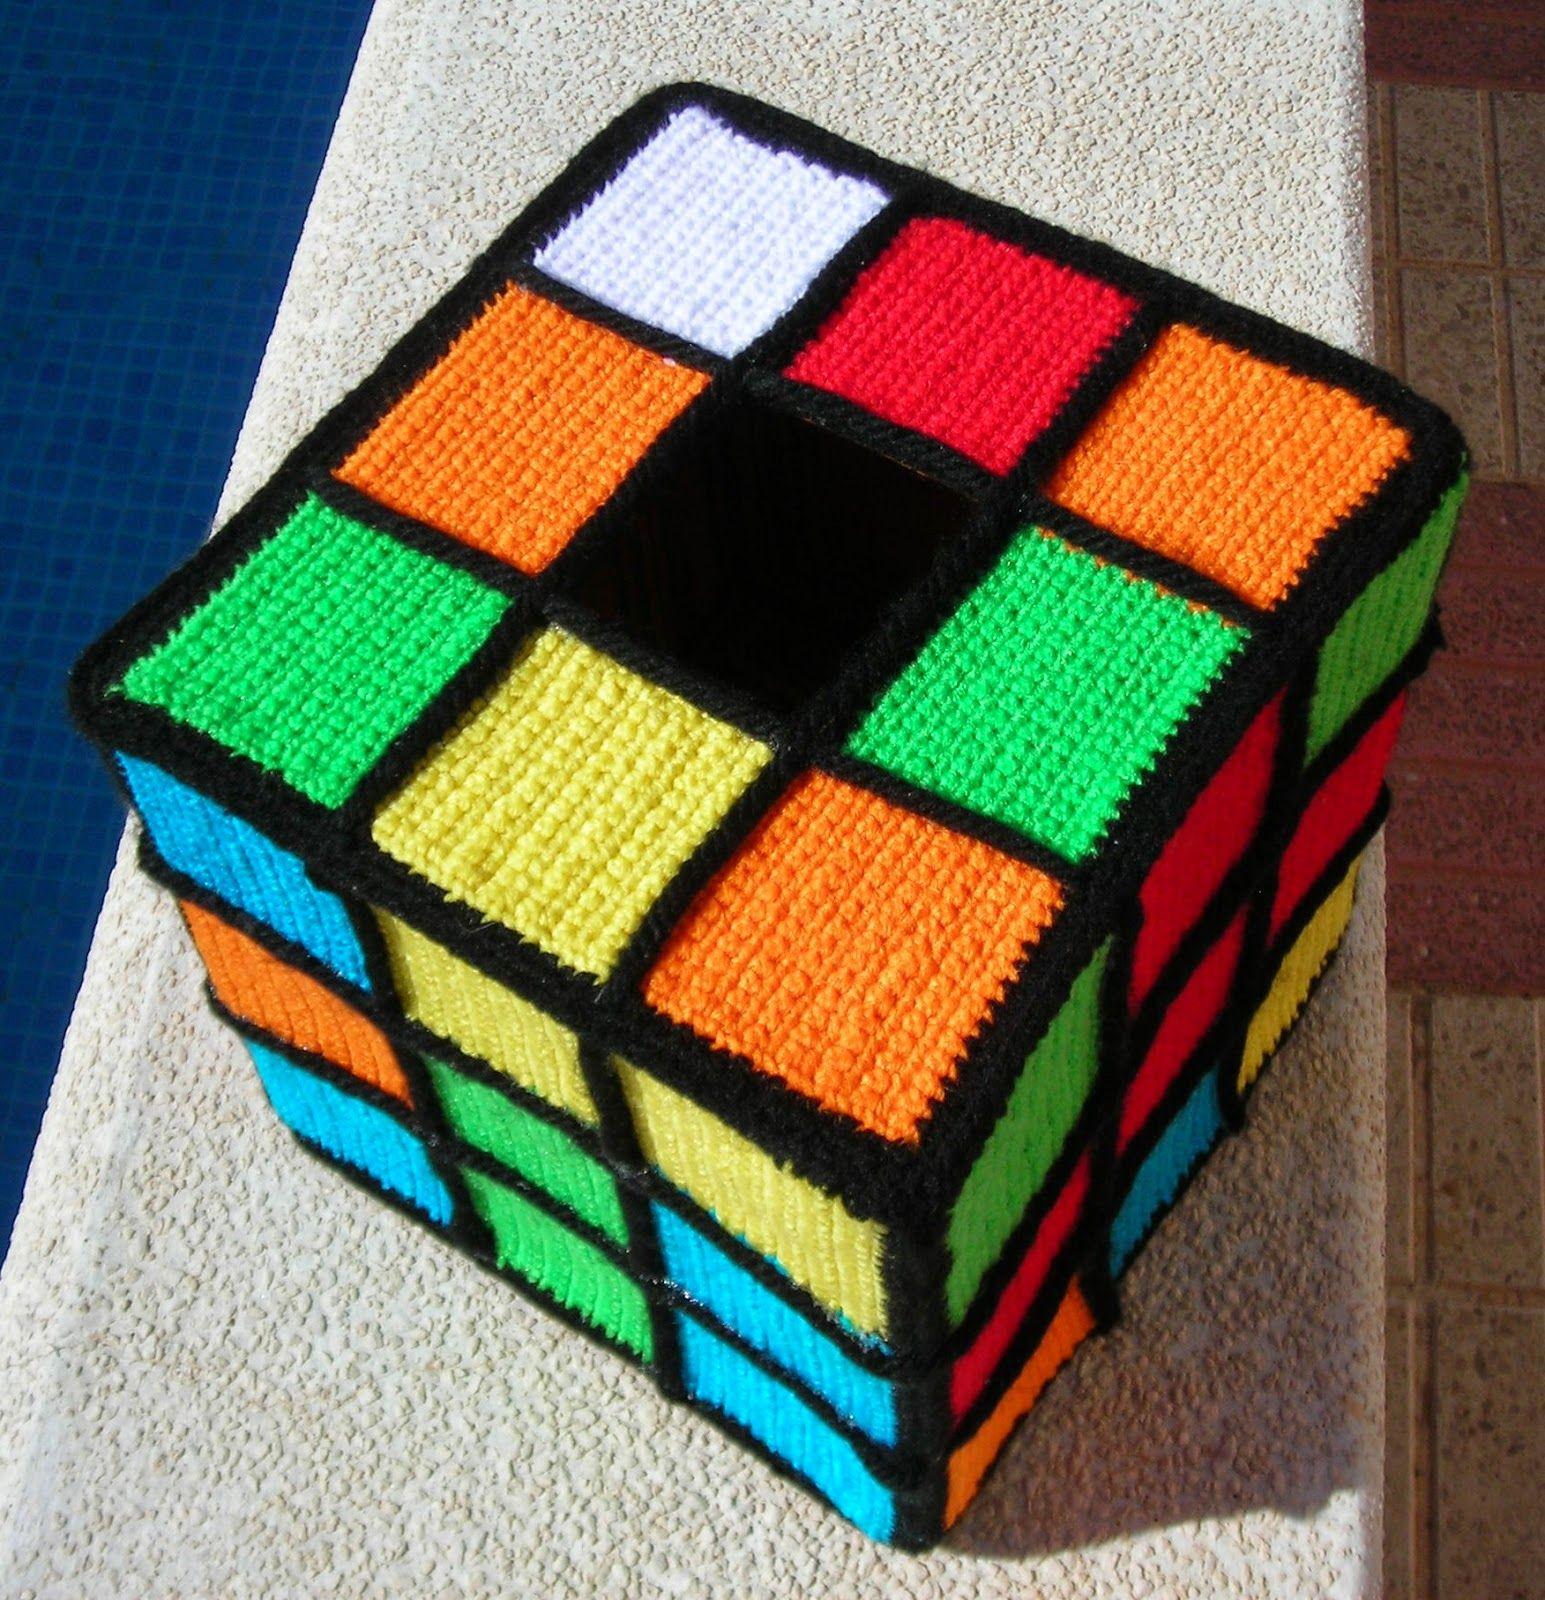 Cubo De Rubik Patrones De Lona De Plastico Cojines De Ganchillo